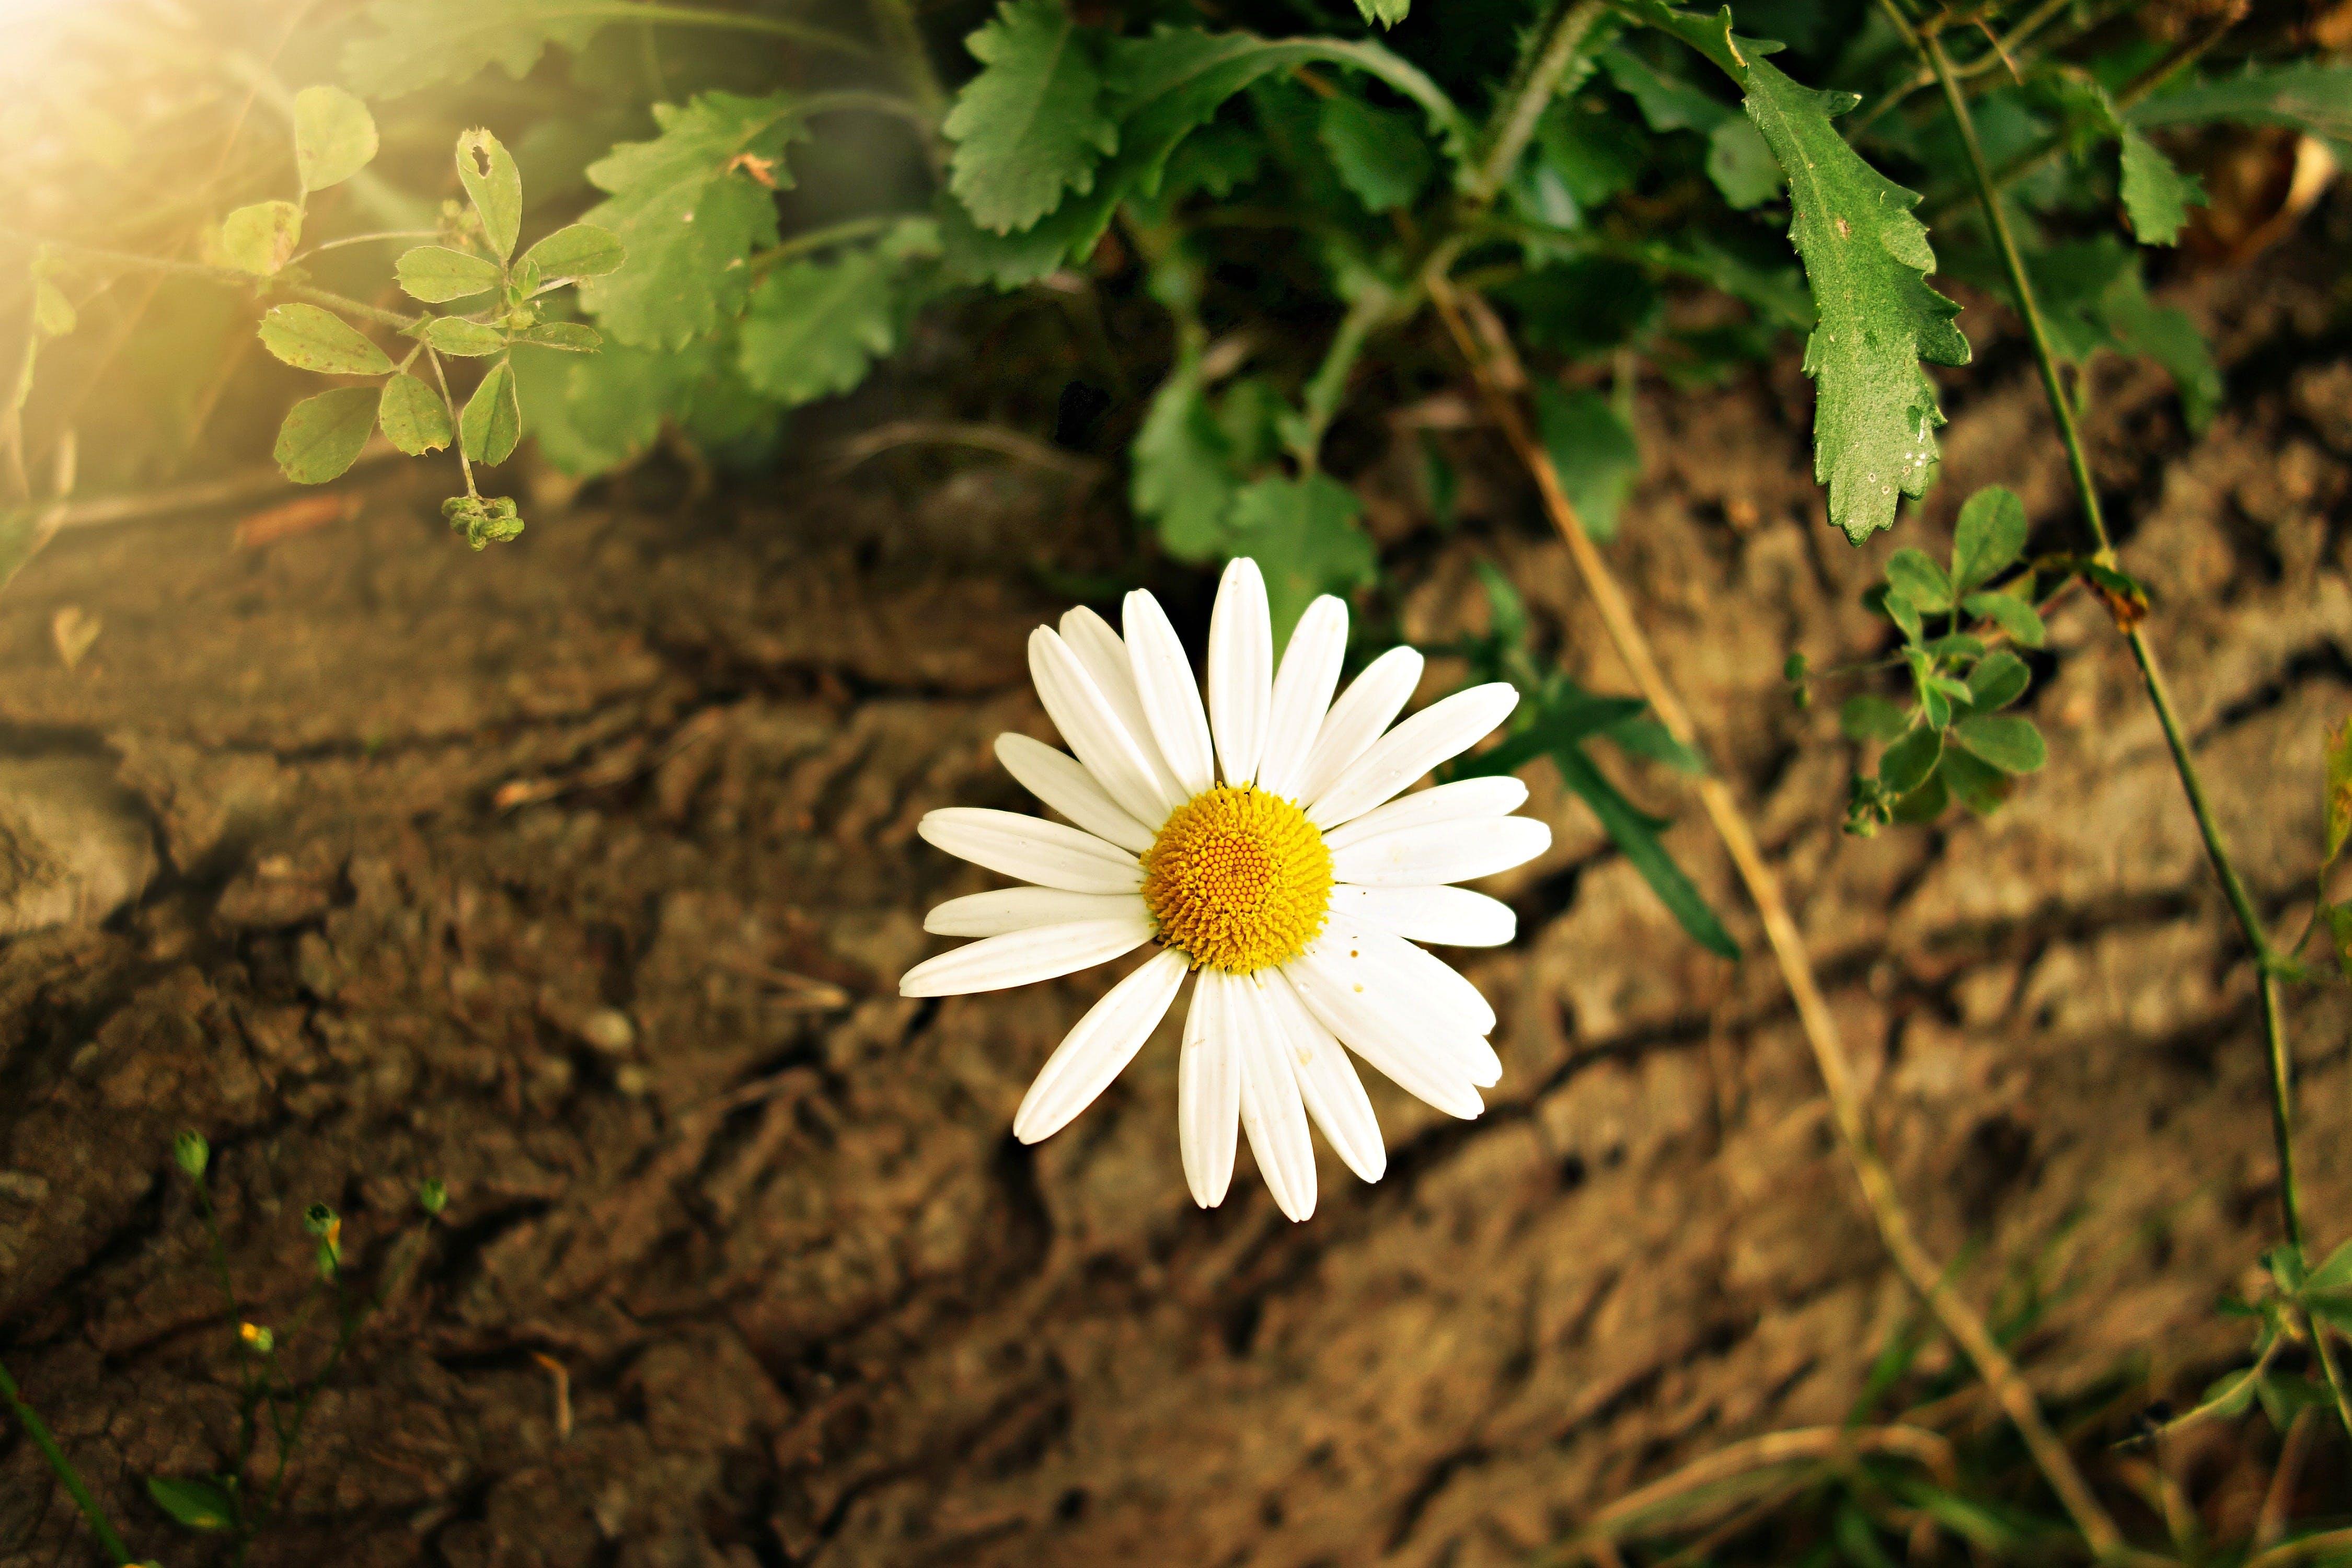 về cận cảnh, cây bụi, cúc trắng, hệ thực vật